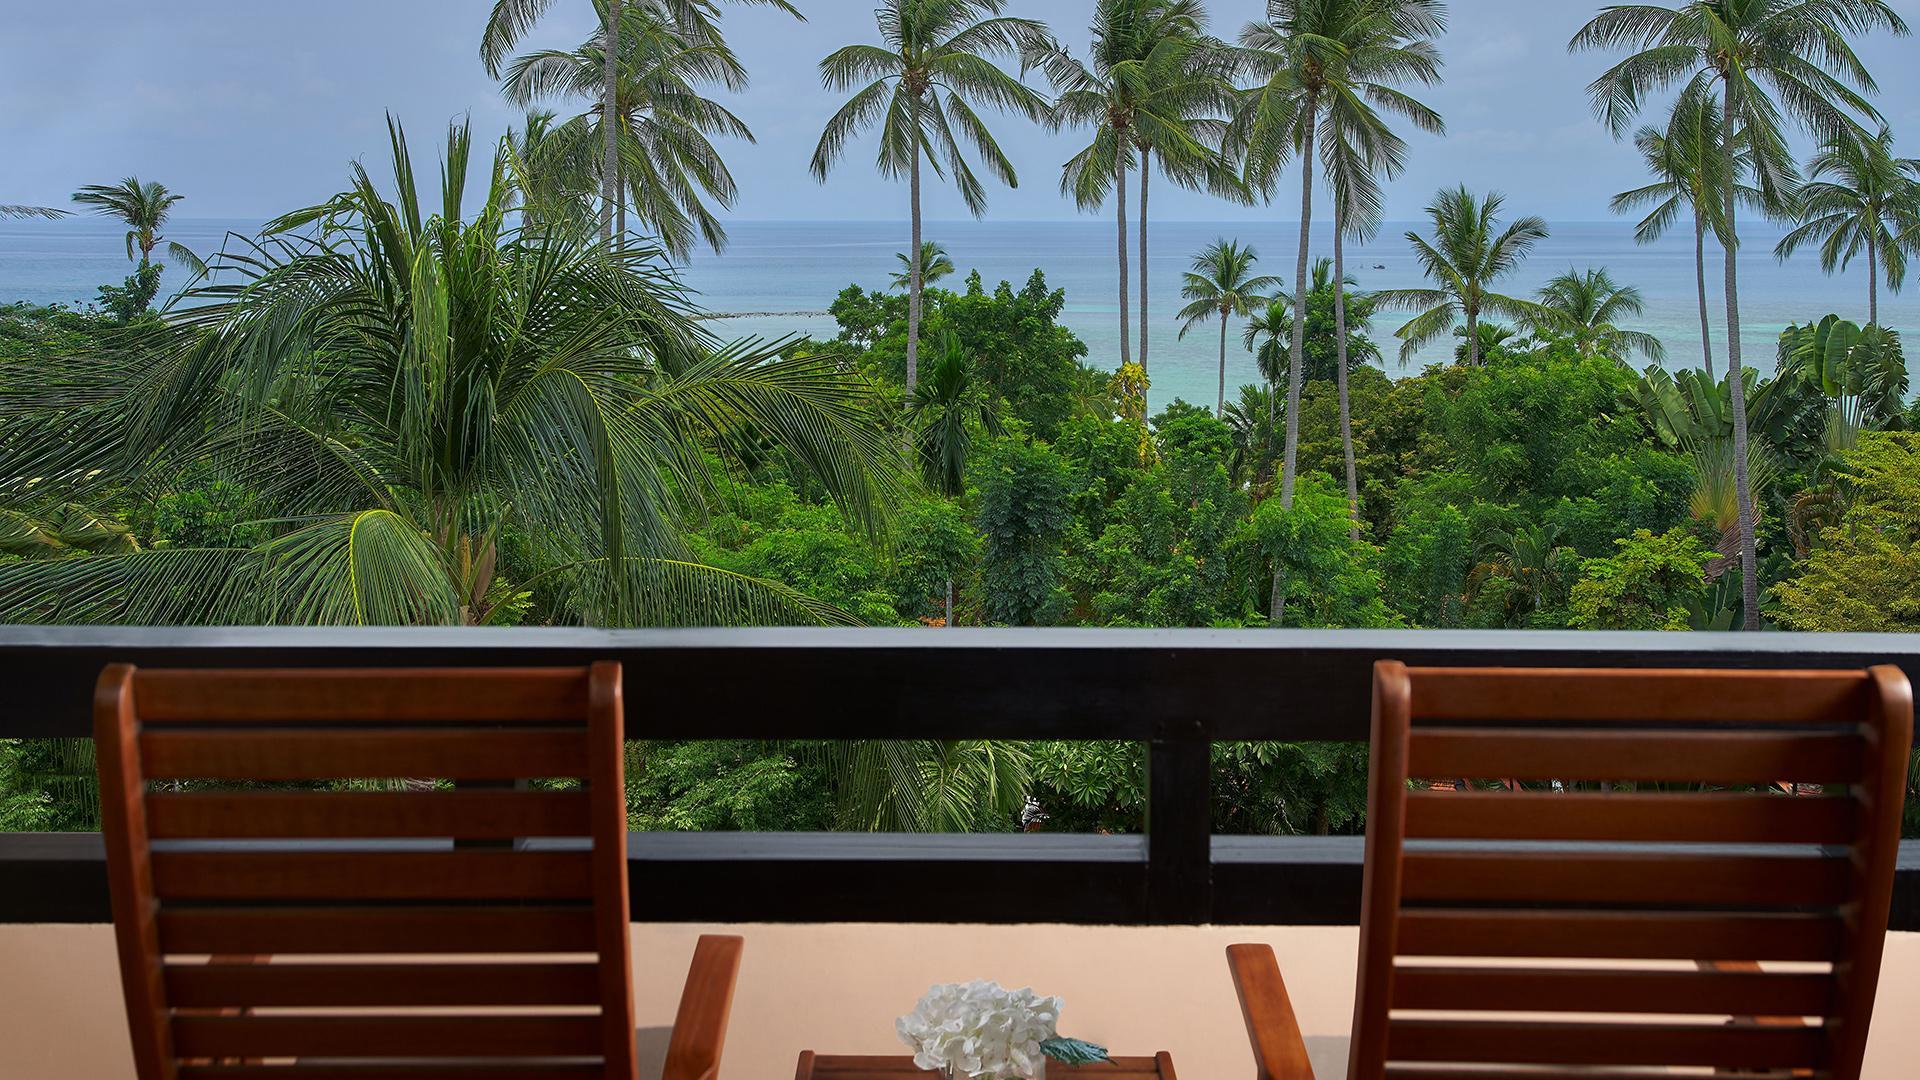 Deluxe Sea-View Room image 1 at Renaissance Koh Samui Resort & Spa by Amphoe Ko Samui, Chang Wat Surat Thani, Thailand